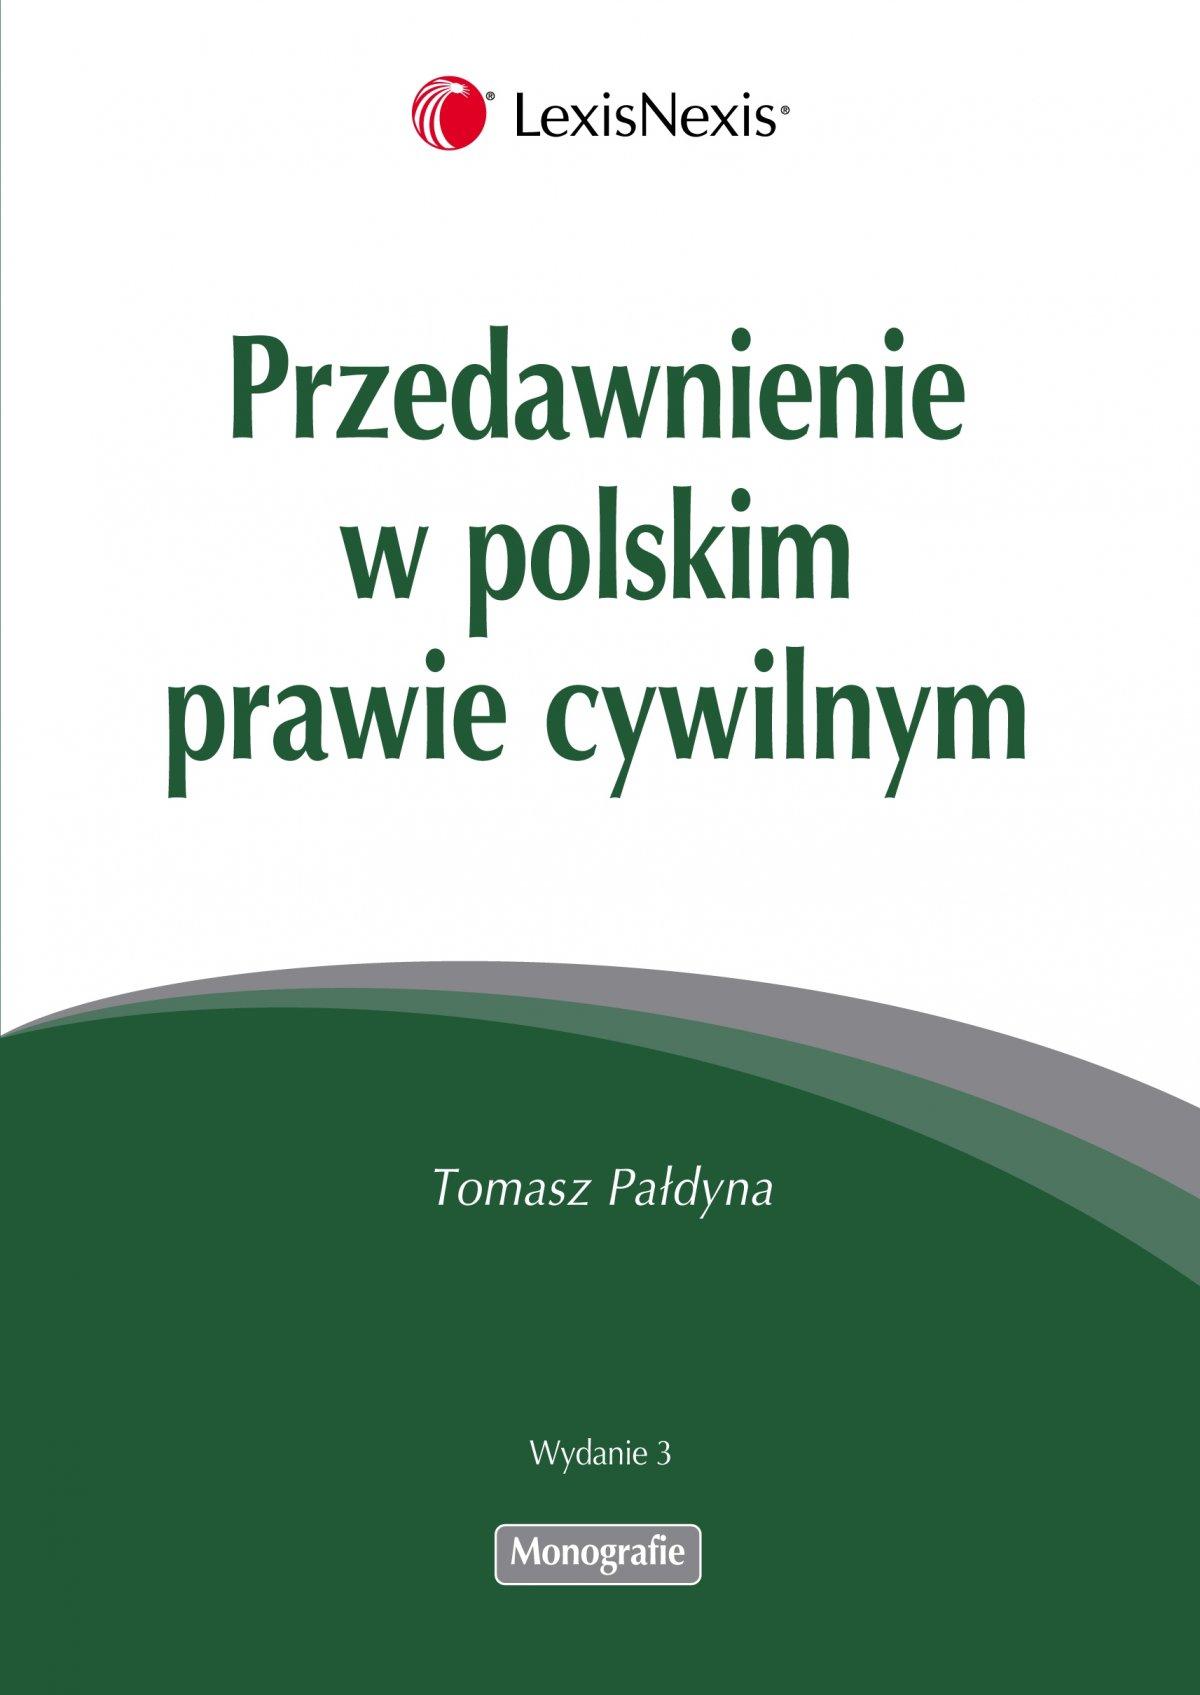 Przedawnienie w polskim prawie cywilnym - Ebook (Książka EPUB) do pobrania w formacie EPUB